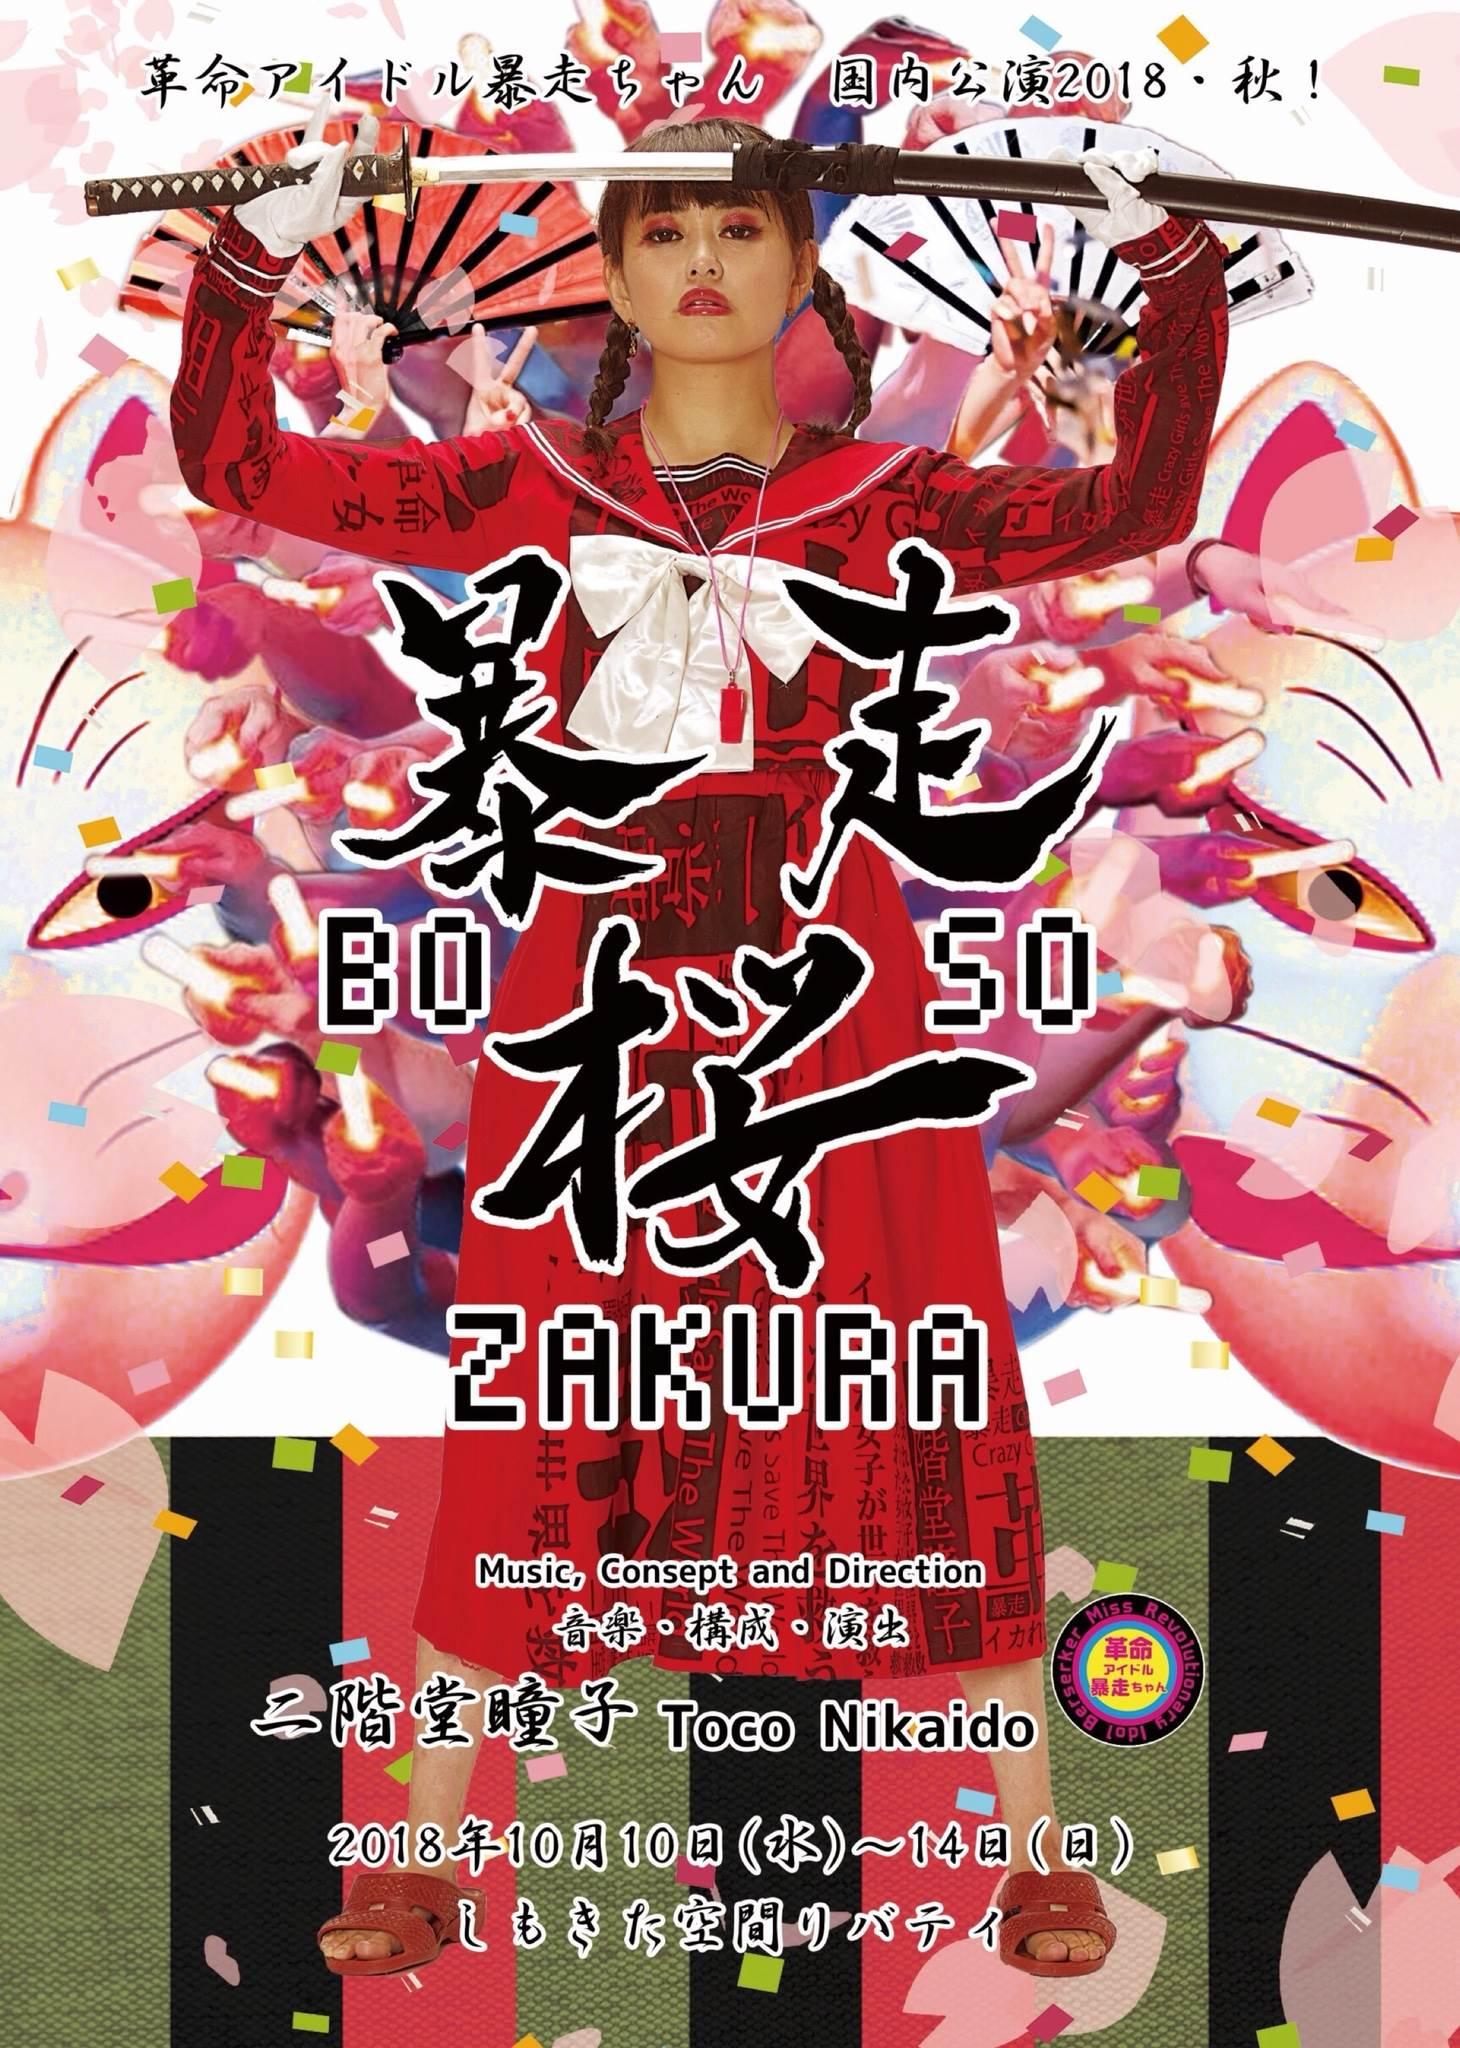 【犬吠埼にゃん出演】アイドル暴走ちゃん国内公演2018・秋!『暴走桜』